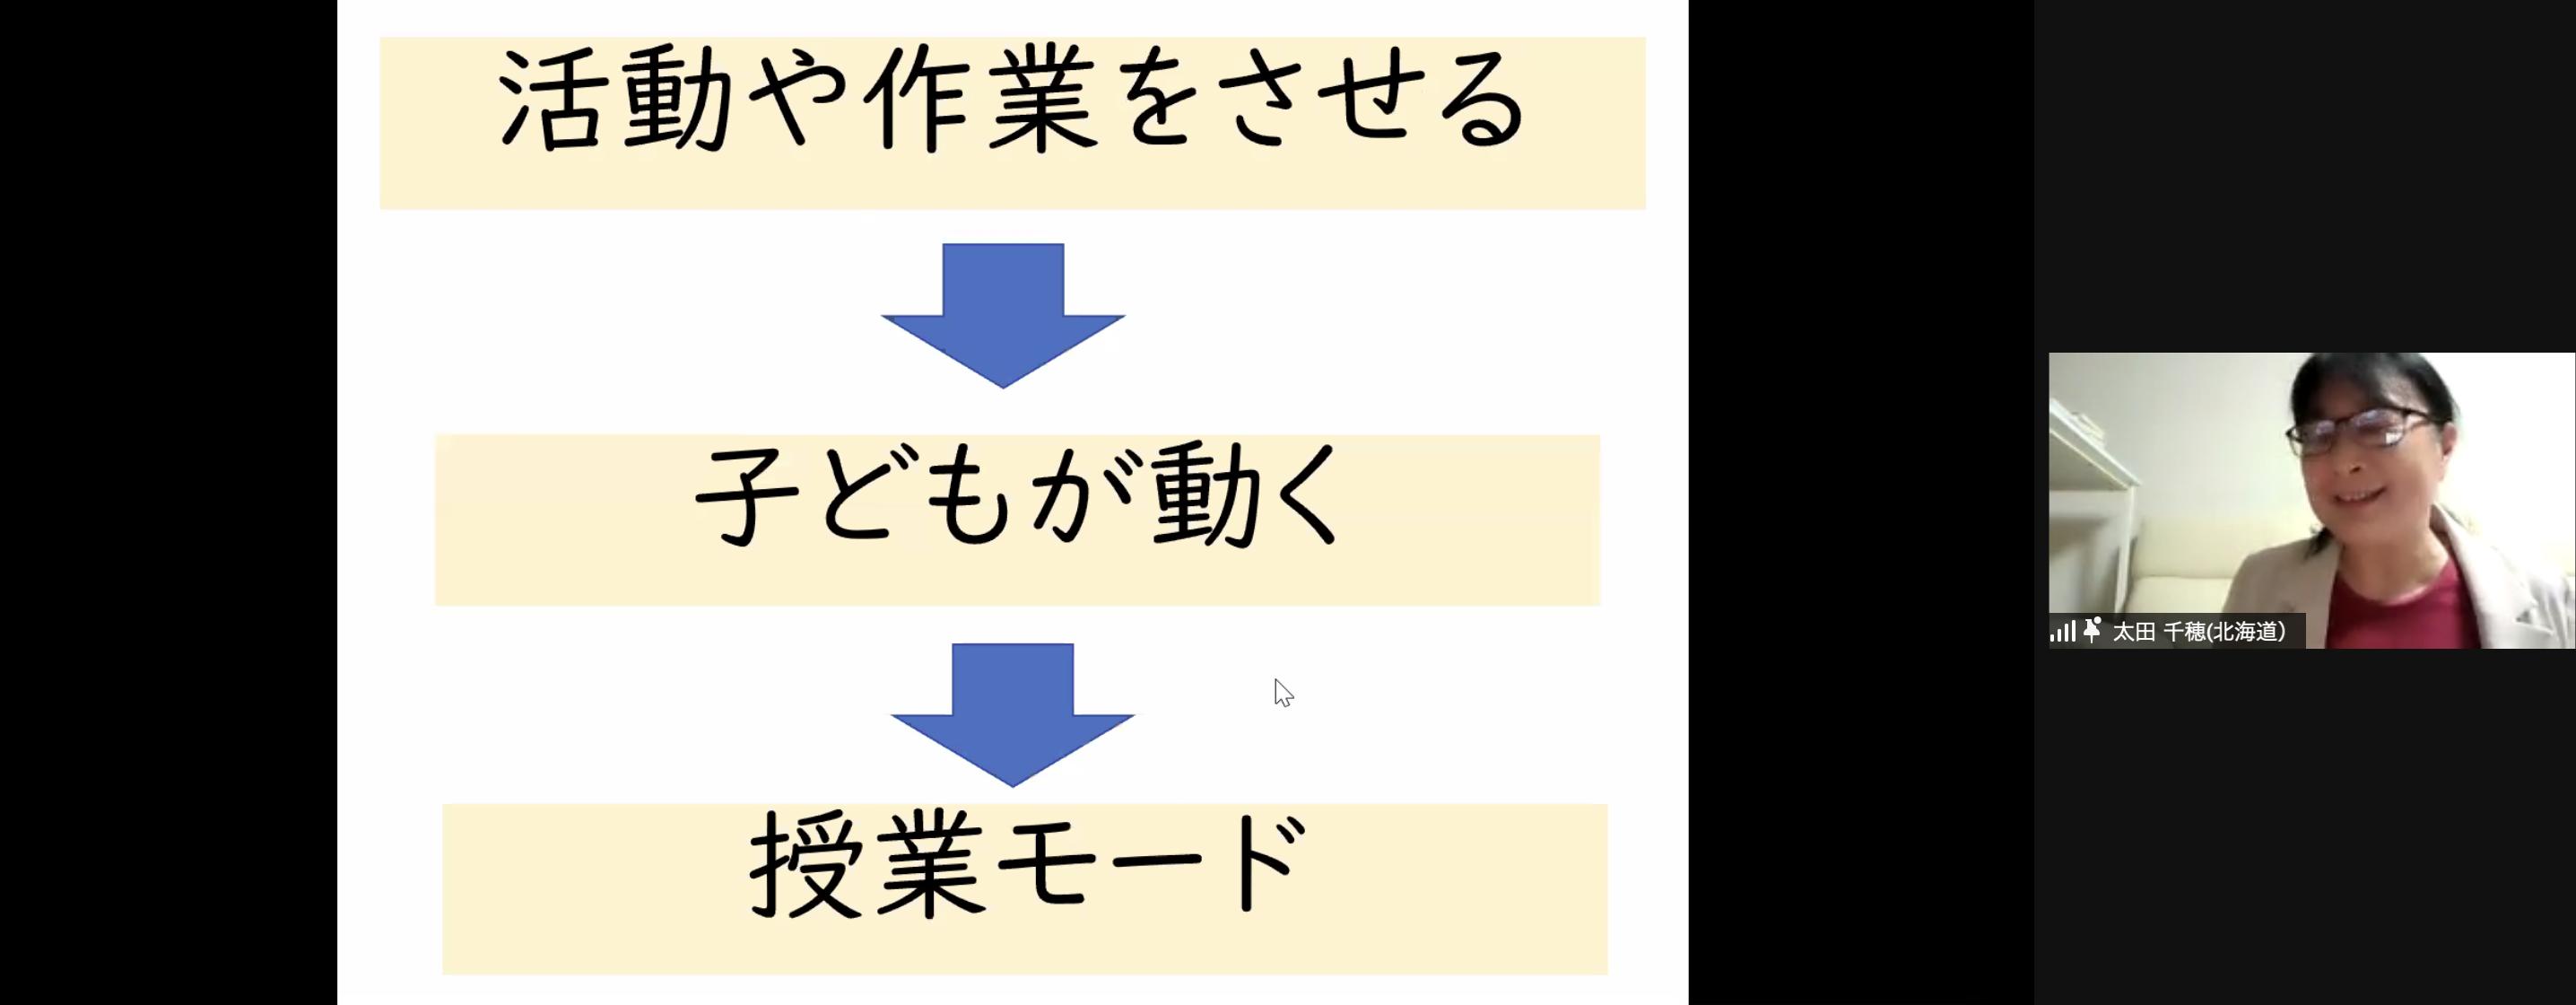 【教え方セミナー報告】石狩・4月29日(木祝)・授業の仕方_e0252129_11284934.png